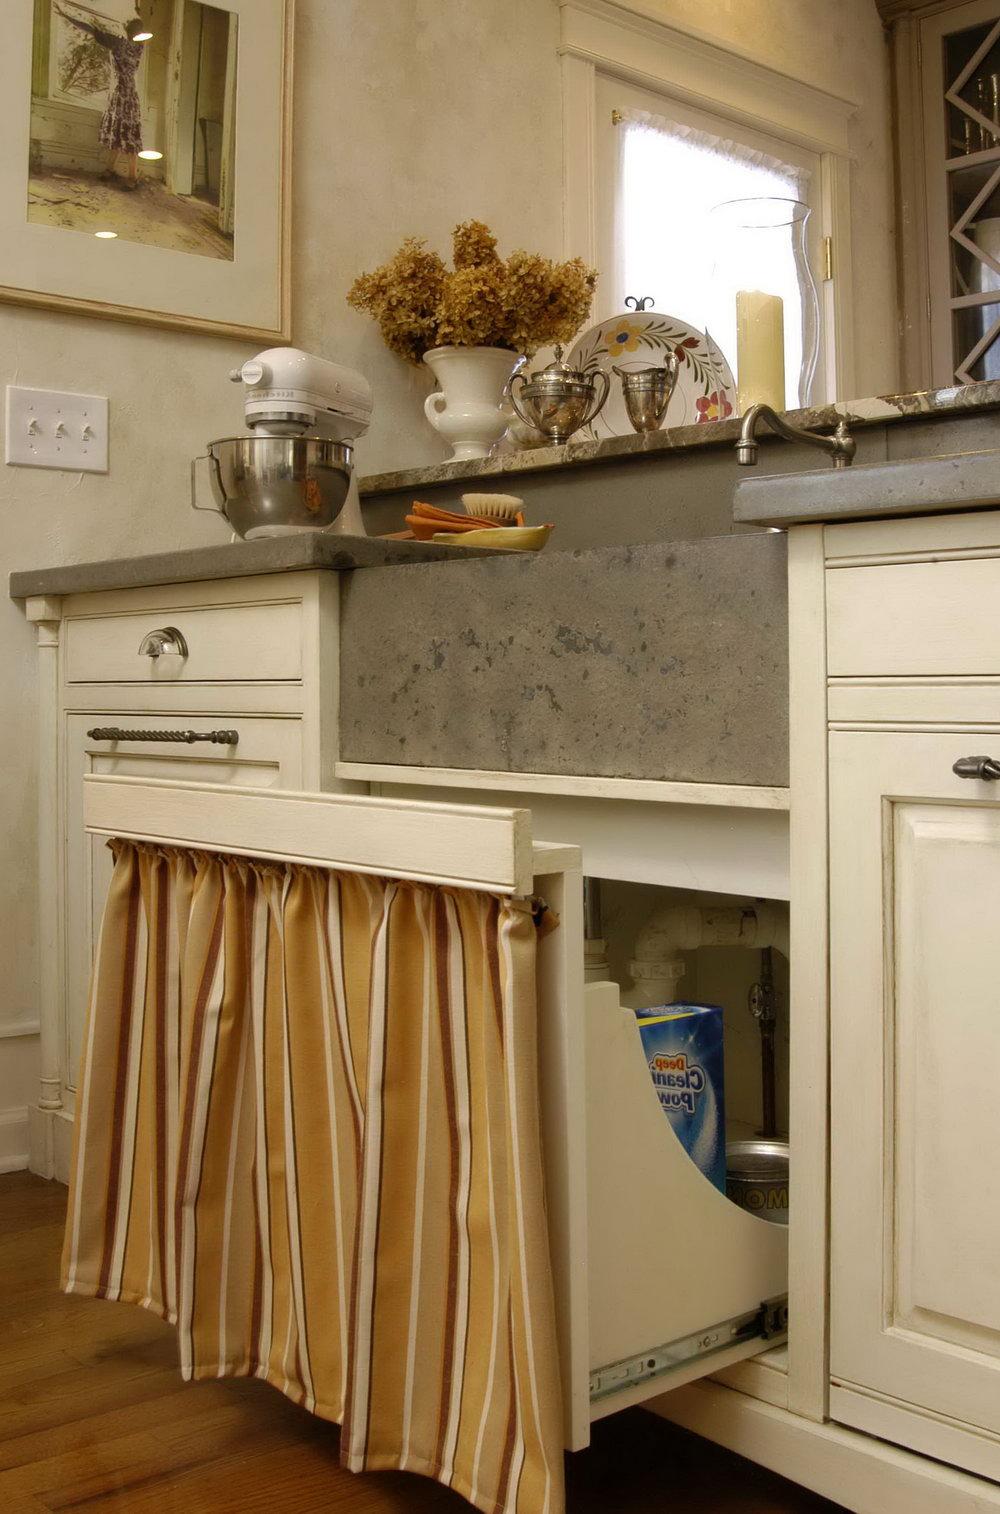 Kitchen Cabinet Curtains Diy